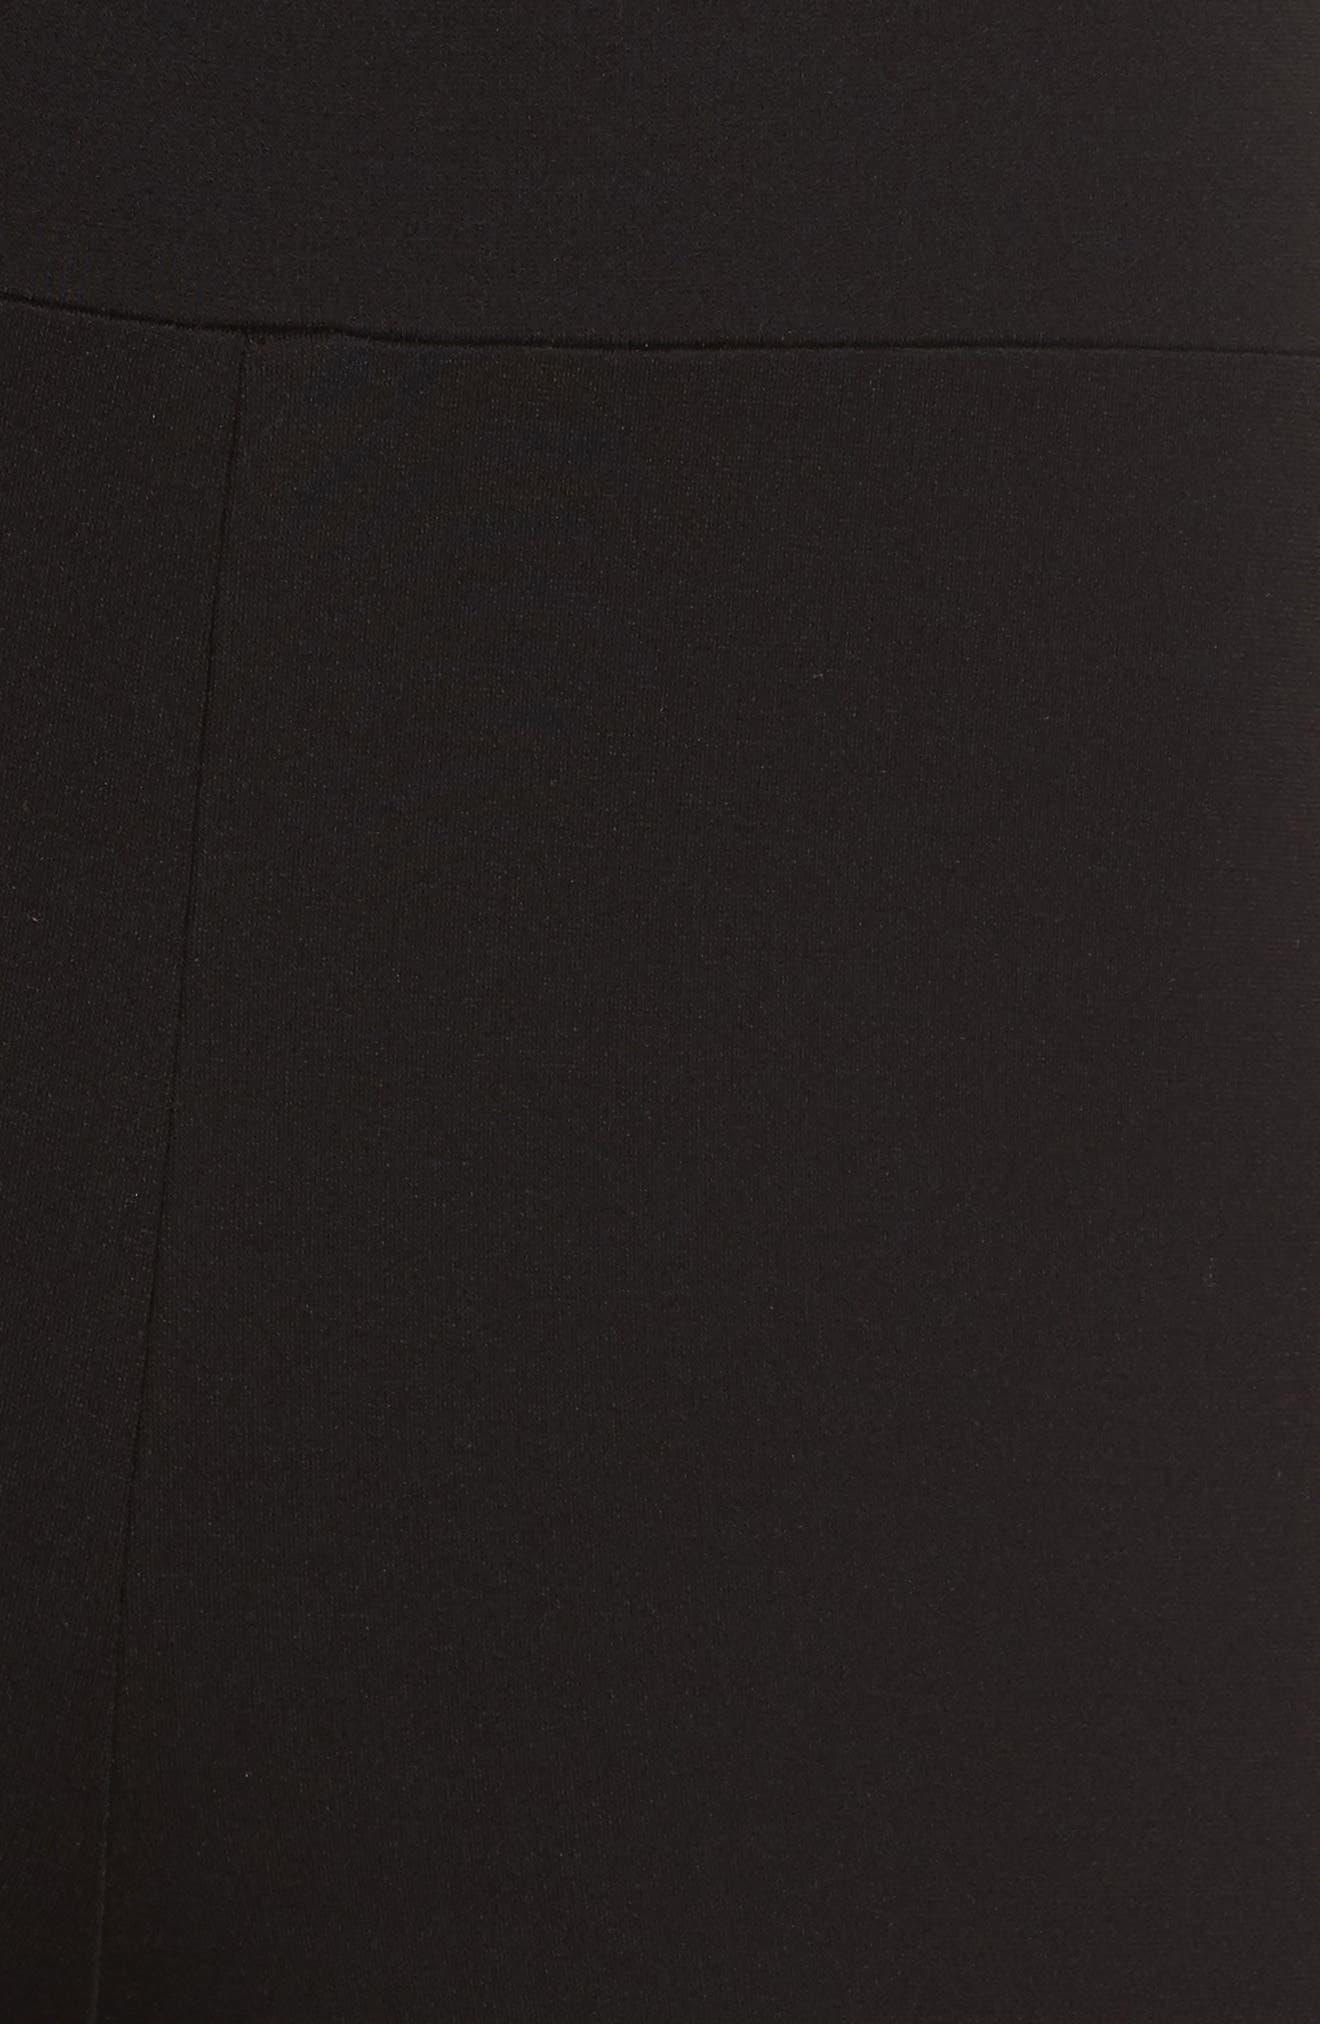 Femme Fatale Cutout Jumpsuit,                             Alternate thumbnail 5, color,                             001